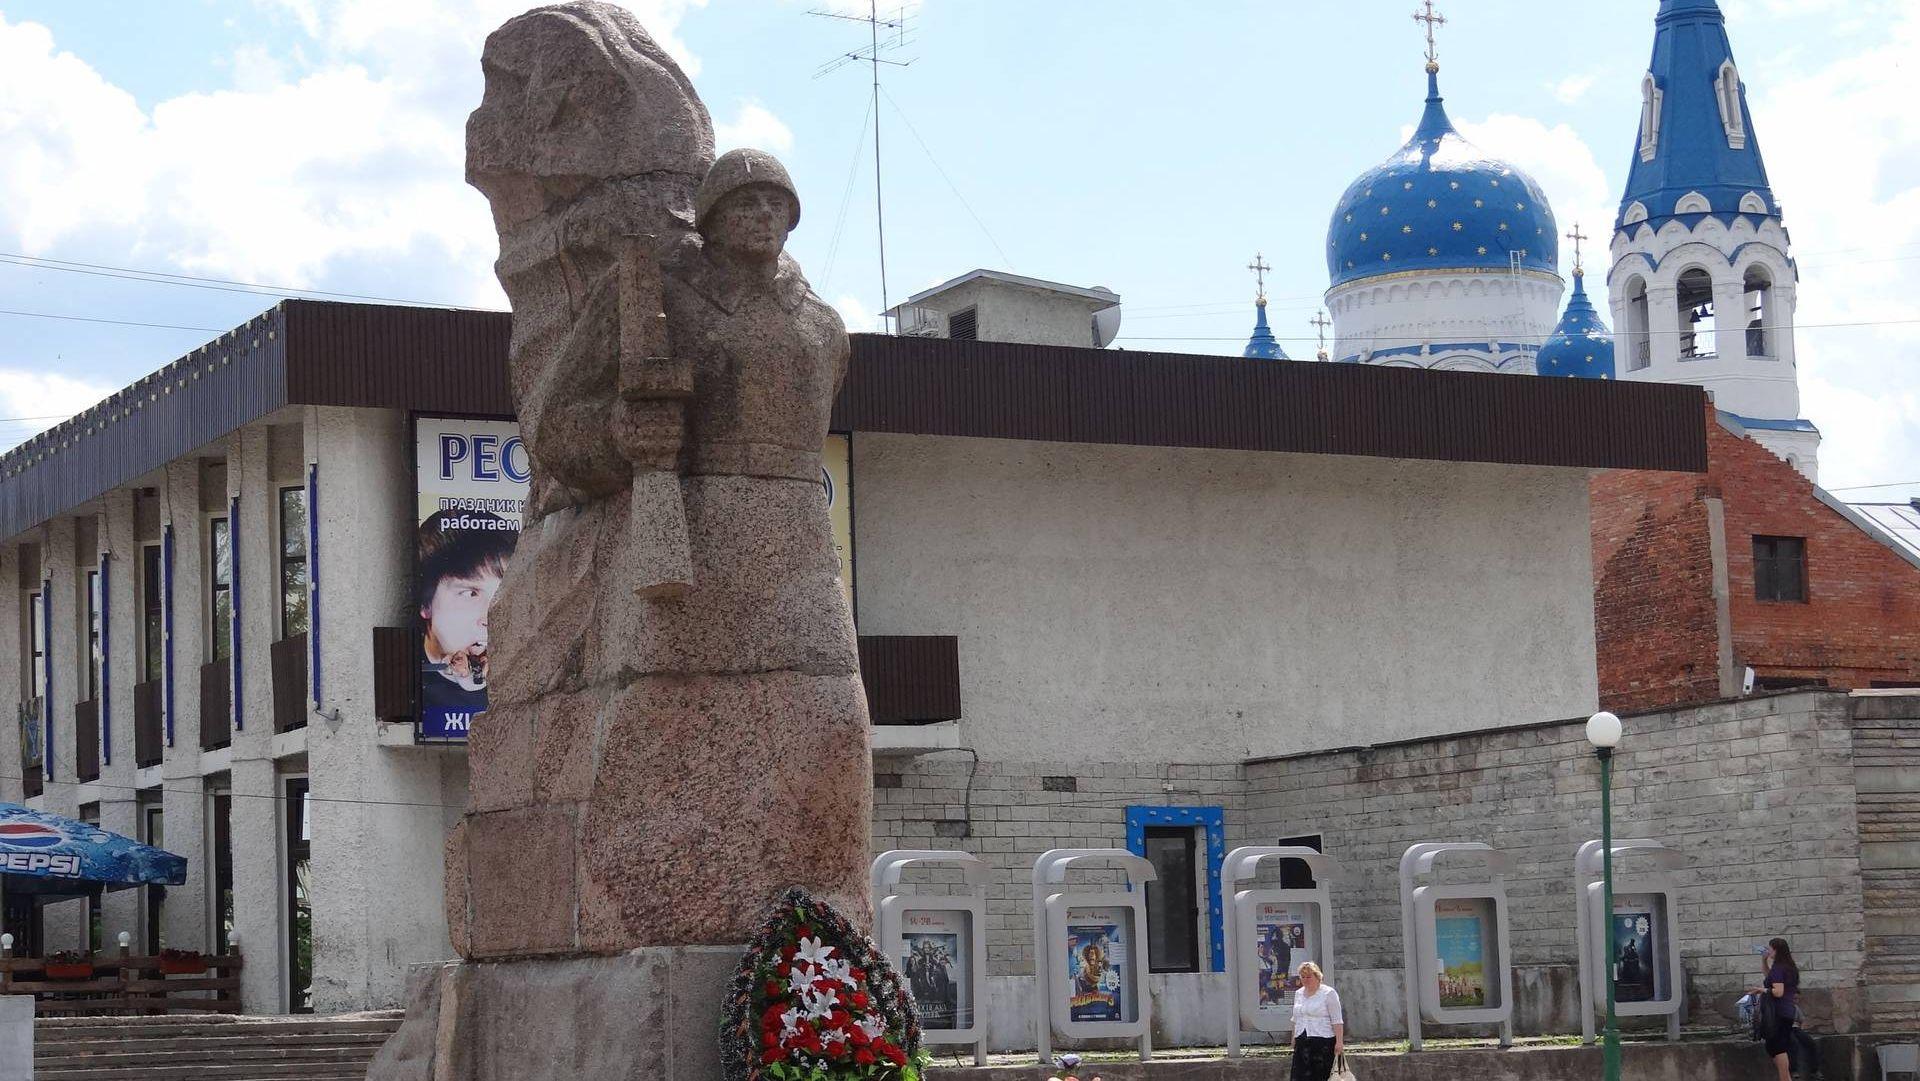 20180126_10-22-Власти Гатчины собираются переименовать улицы, не спросив мнения жителей-pic1.